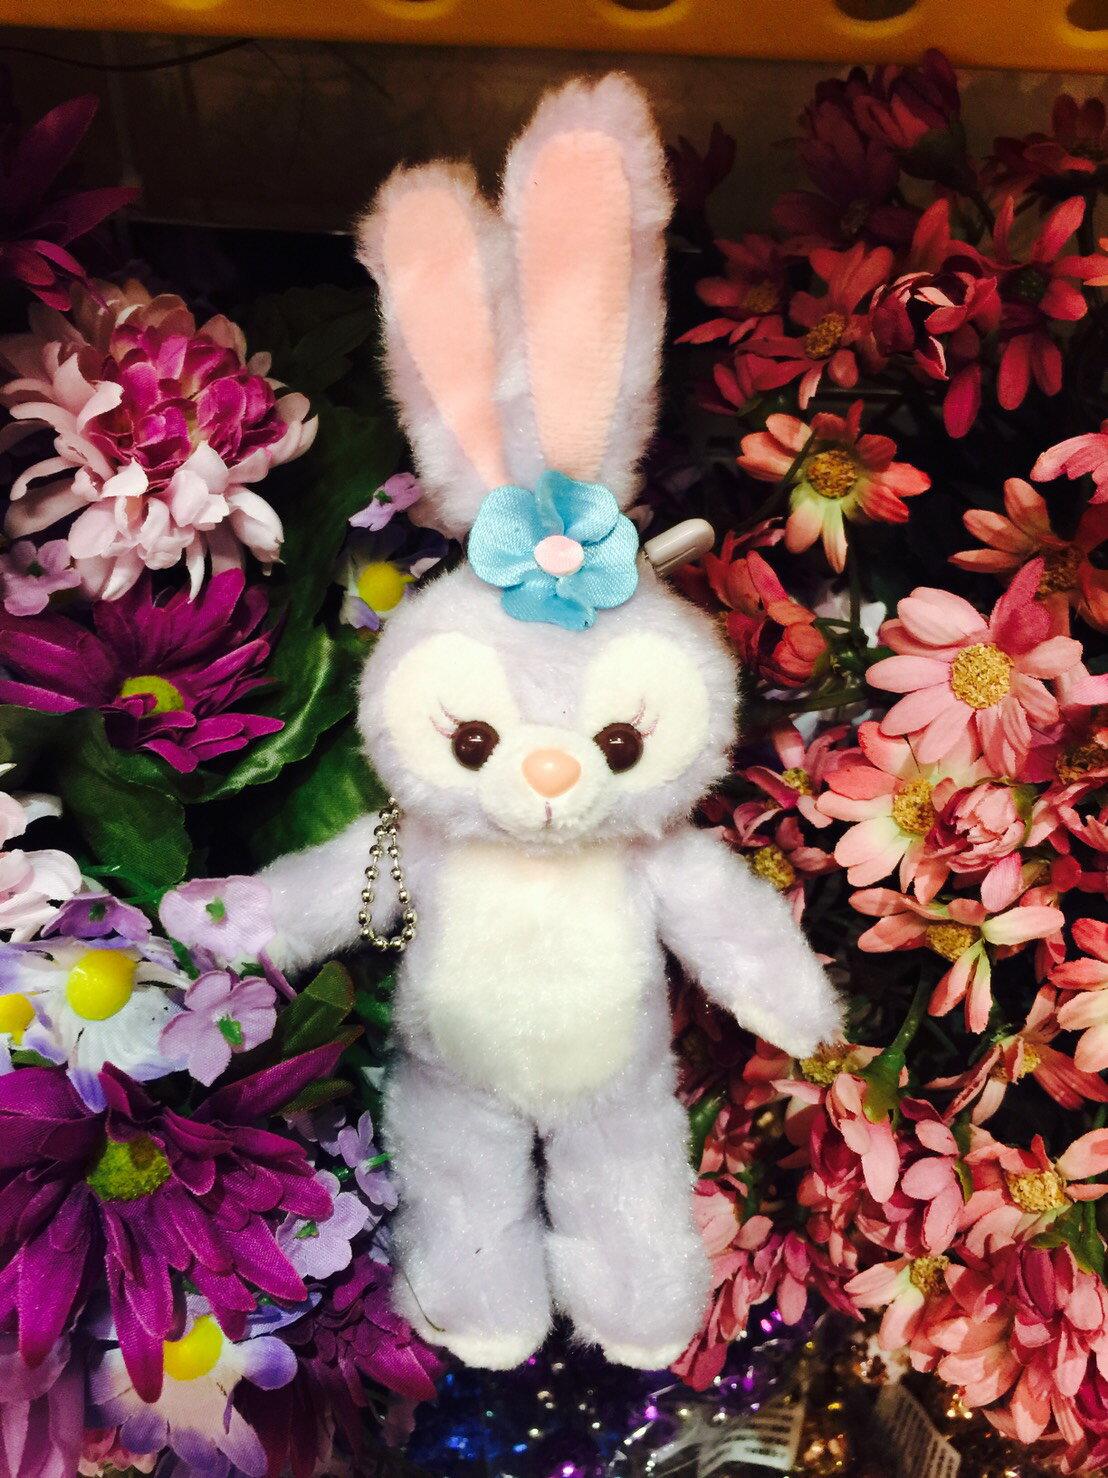 X射線【C917009】日本東京迪士尼代購-史黛拉 Stella Lou 裸身娃娃吊飾-站姿,包包掛飾/鑰匙圈/兔子芭蕾/雪莉玫/達菲/畫家